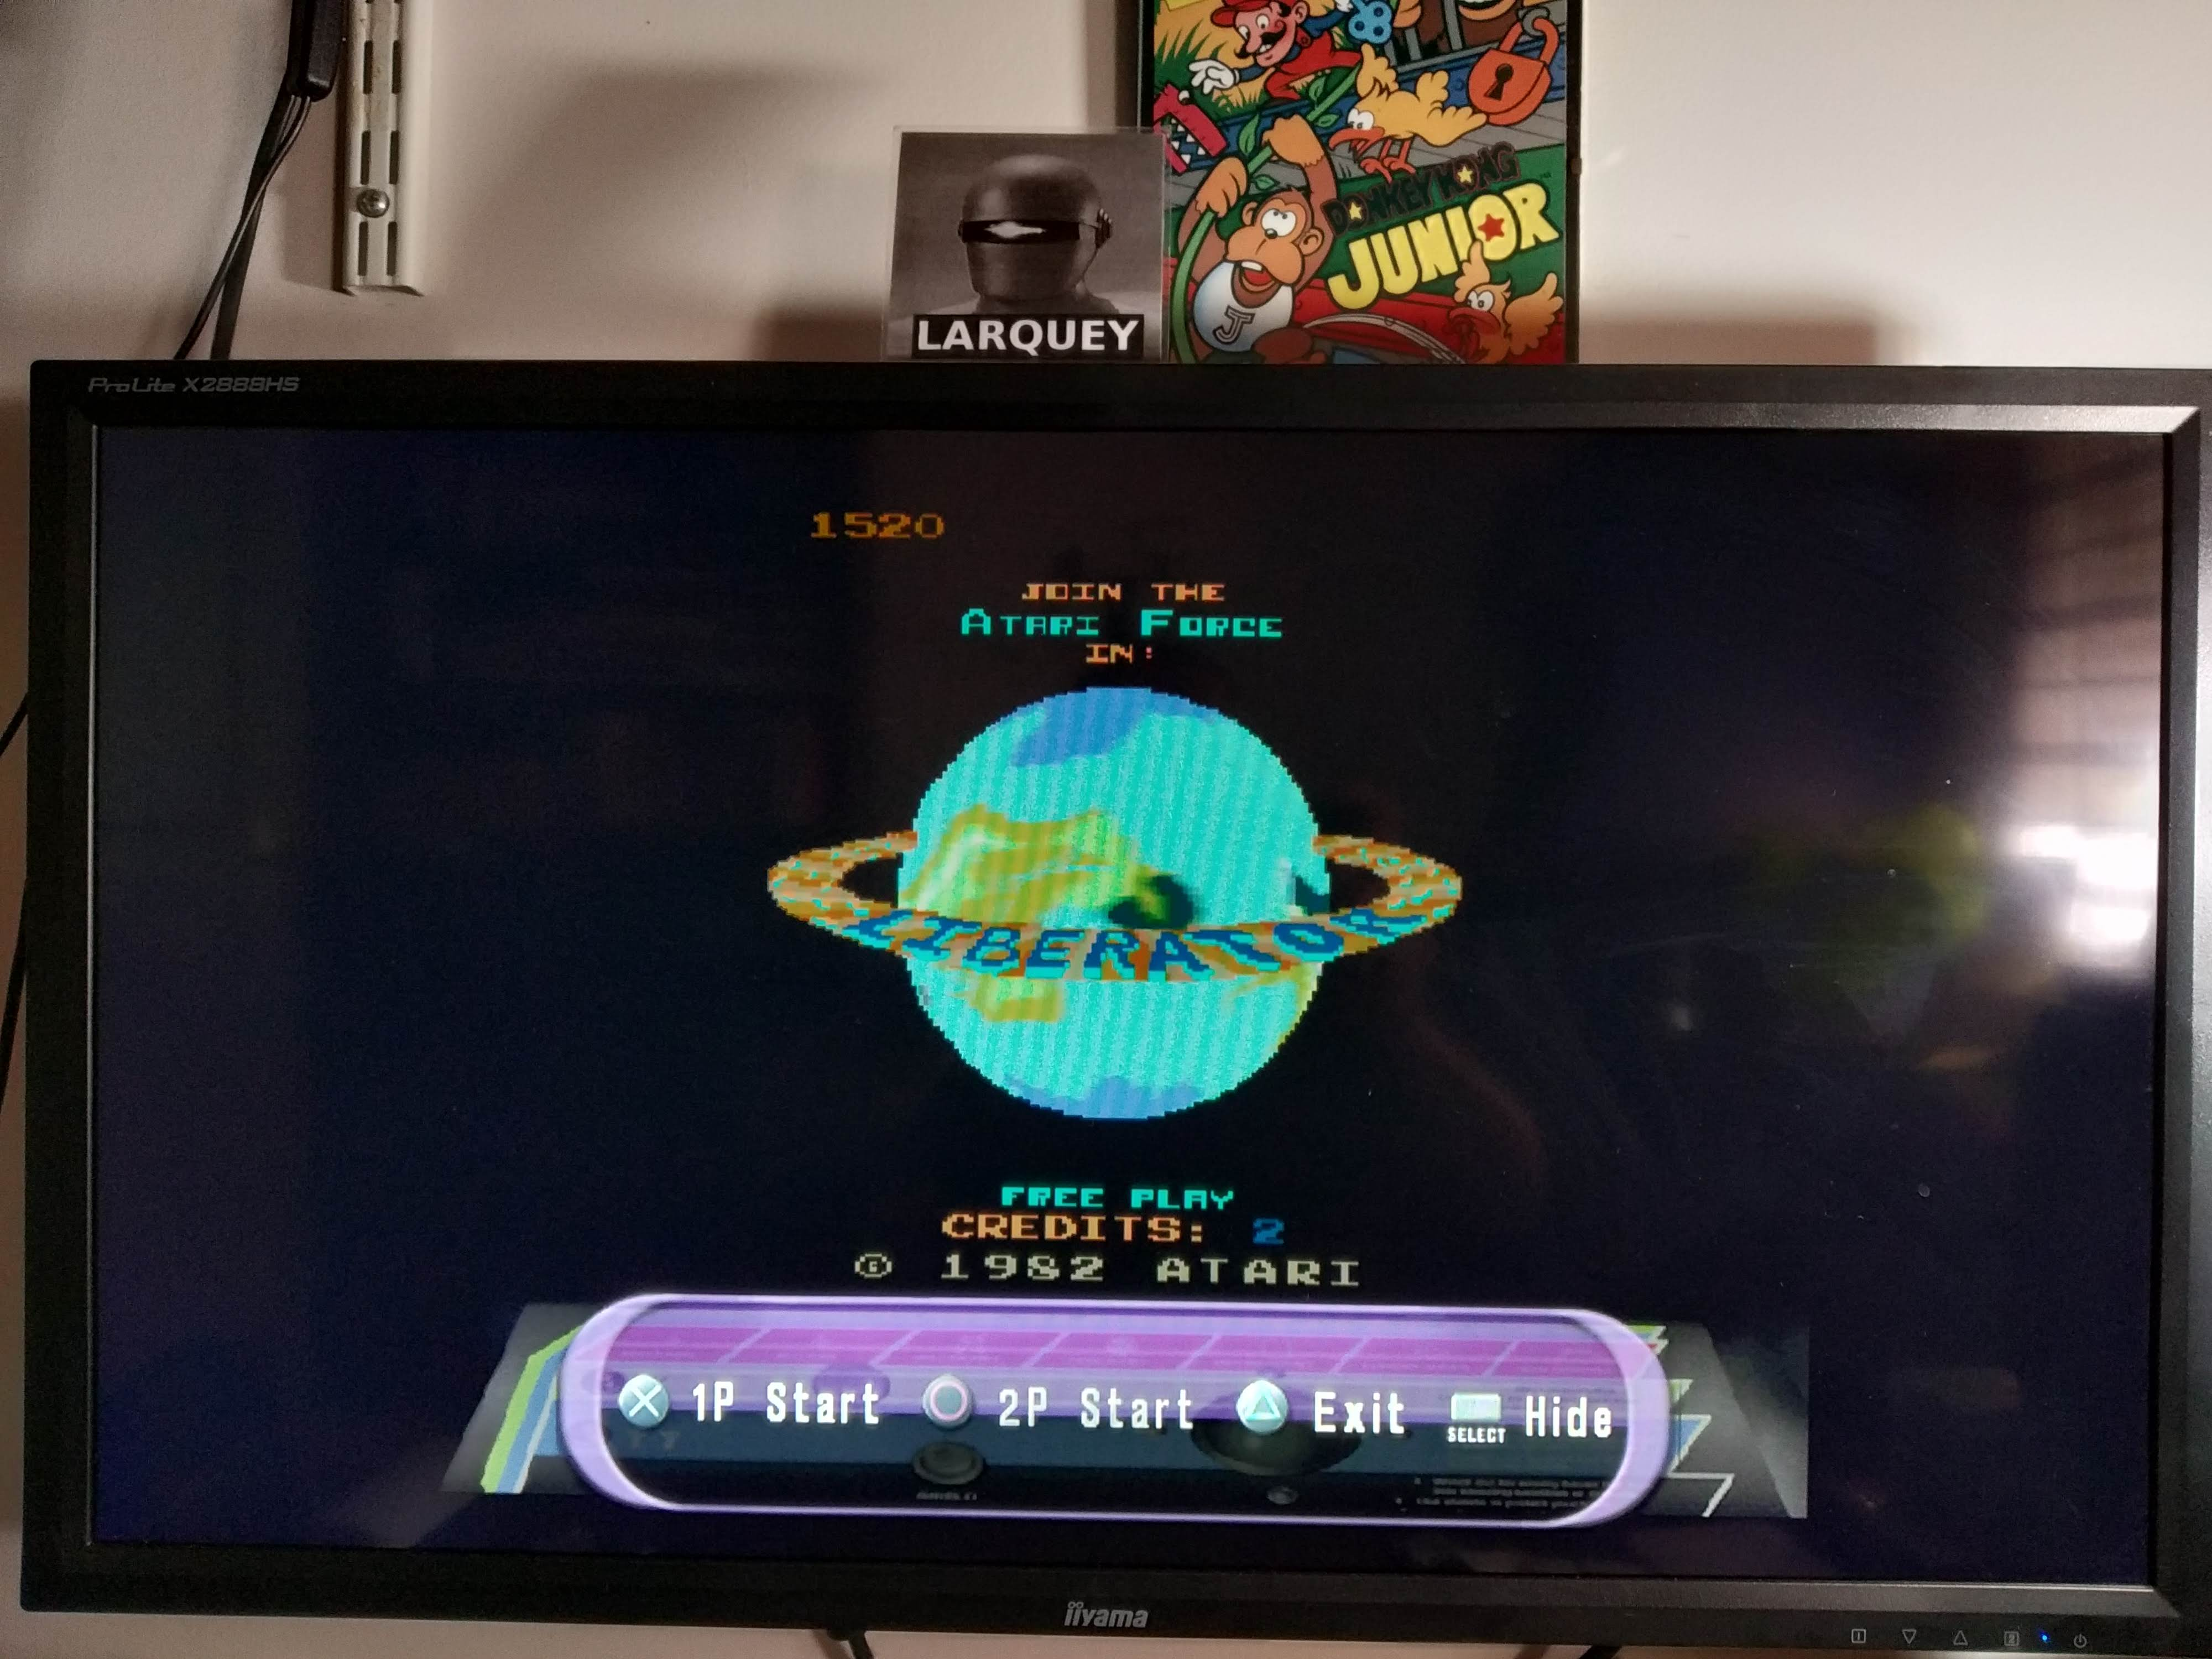 Larquey: Atari Anthology: Liberator (Playstation 2 Emulated) 1,520 points on 2020-08-04 11:54:29